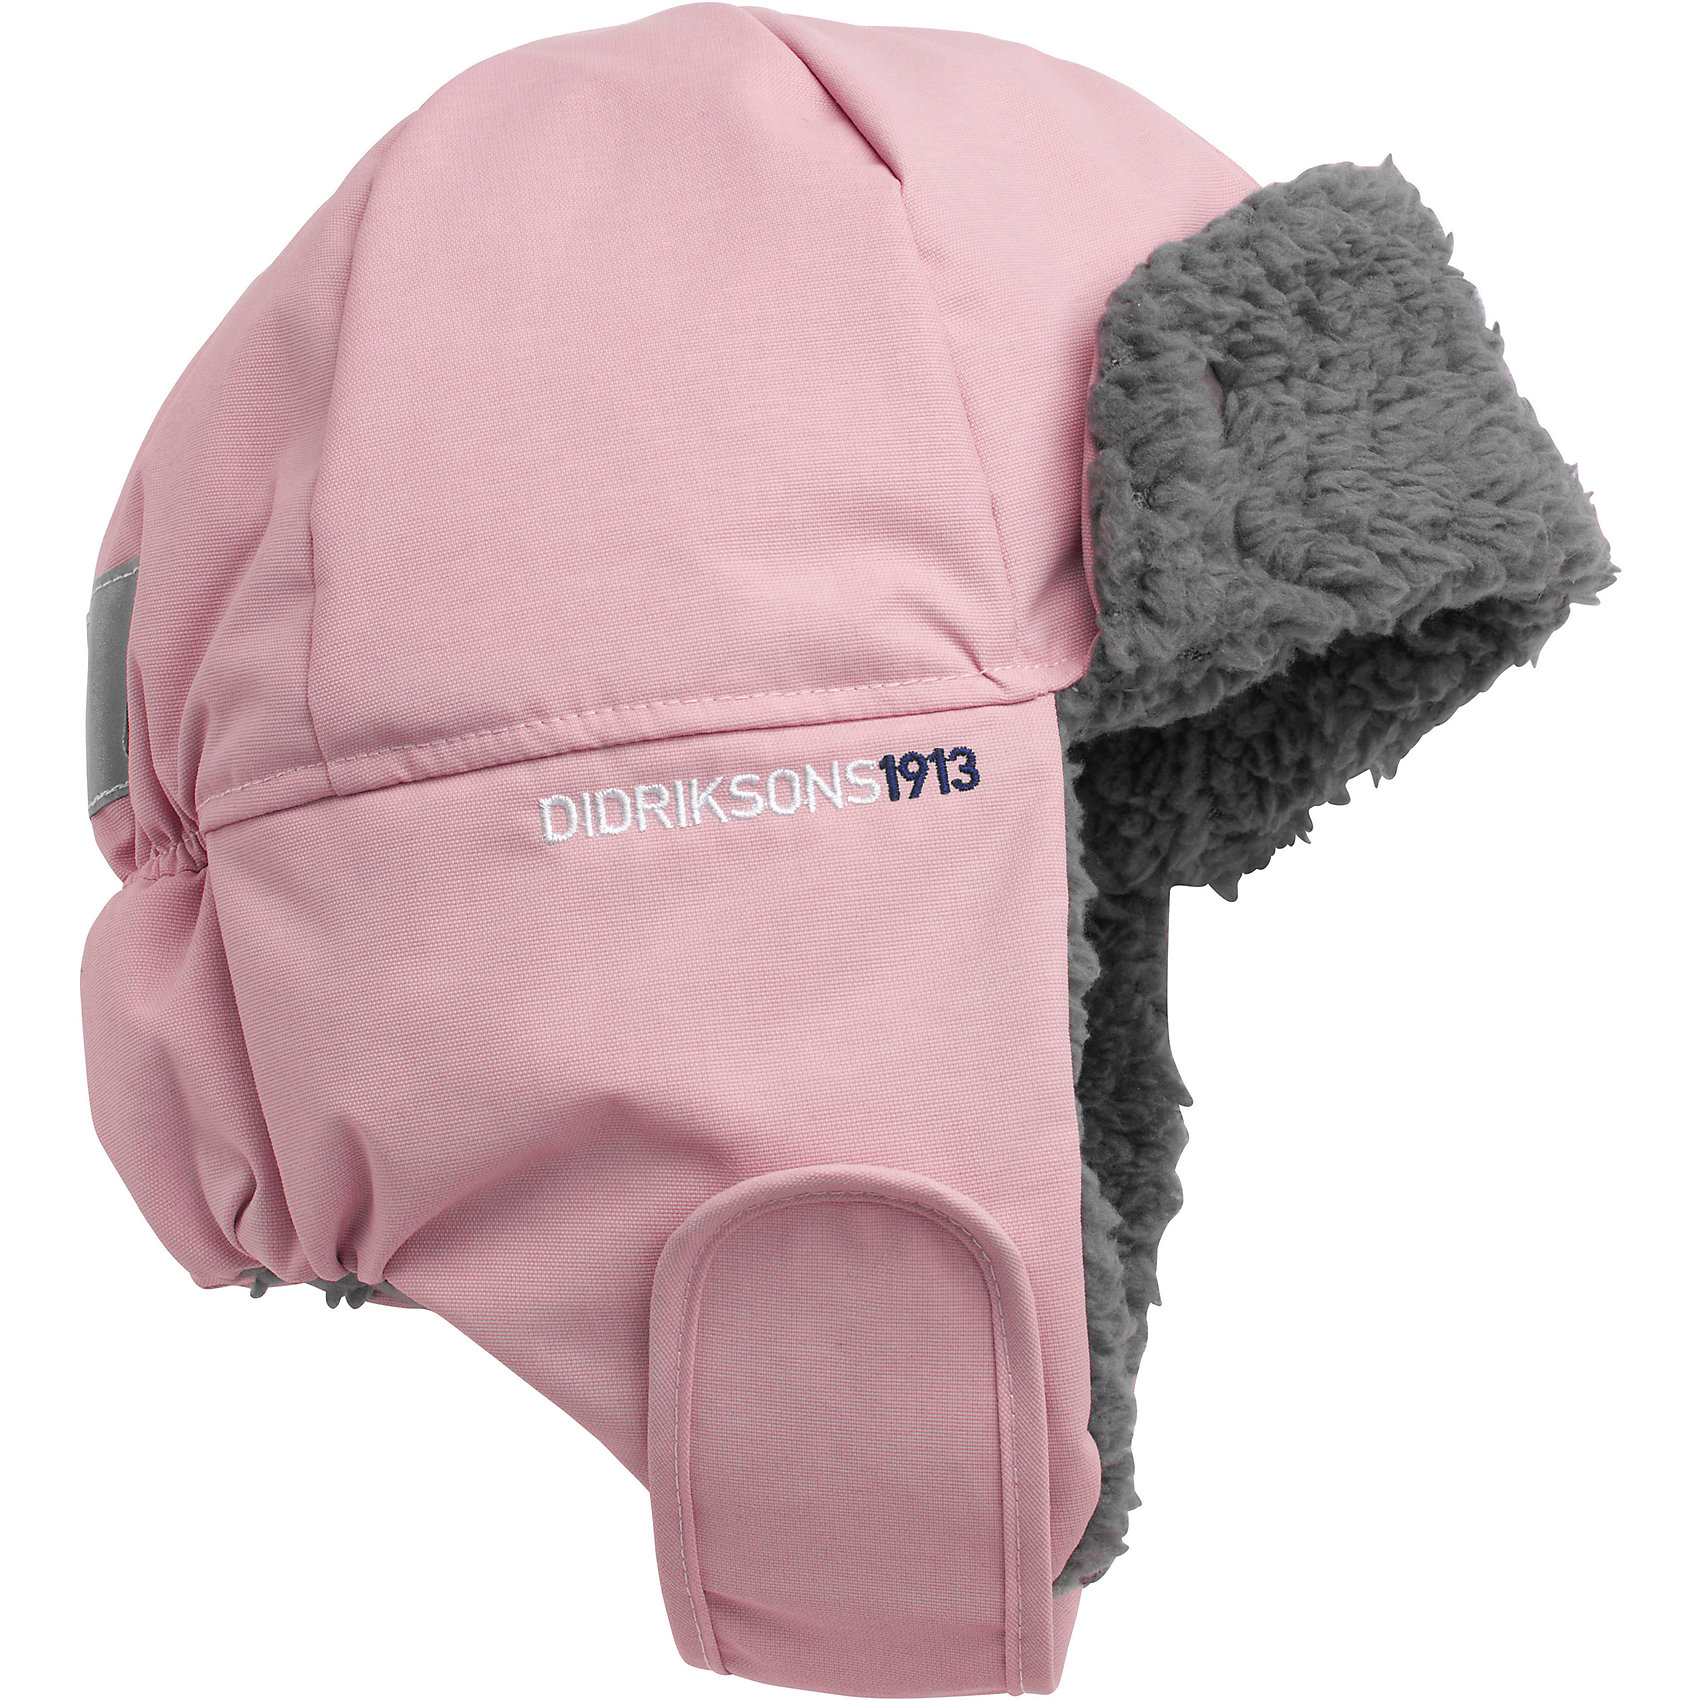 Шапка Biggles для девочки DIDRIKSONSХарактеристики товара:<br><br>• цвет: розовый<br>• материал: 100% полиамид, подкладка 100% полиэстер<br>• утеплитель: 60 г/м<br>• сезон: зима<br>• температурный режим от +5 до -20С<br>• непромокаемая и непродуваемая мембранная ткань<br>• подкладка из искусственного меха<br>• дополнительная пропитка верха<br>• прокленные швы<br>• застежка: липучка<br>• защита ушей от холода<br>• страна бренда: Швеция<br>• страна производства: Китай<br><br>Такие шапки сейчас на пике молодежной моды! Это не только стильно, но еще и очень комфортно, а также тепло. Эта качественная шапка обеспечит ребенку удобство при прогулках и активном отдыхе зимой. Такая модель от шведского производителя отлично смотрится с разной верхней одеждой.<br>Шапка сшита из мембранной ткани, которая позволяет телу дышать, но при этом не промокает и не продувается. Очень стильная и удобная модель! Изделие качественно выполнено, сделано из безопасных для детей материалов. <br><br>Шапку для девочки от бренда DIDRIKSONS можно купить в нашем интернет-магазине.<br><br>Ширина мм: 89<br>Глубина мм: 117<br>Высота мм: 44<br>Вес г: 155<br>Цвет: розовый<br>Возраст от месяцев: 96<br>Возраст до месяцев: 120<br>Пол: Женский<br>Возраст: Детский<br>Размер: 56,52,54<br>SKU: 5004005